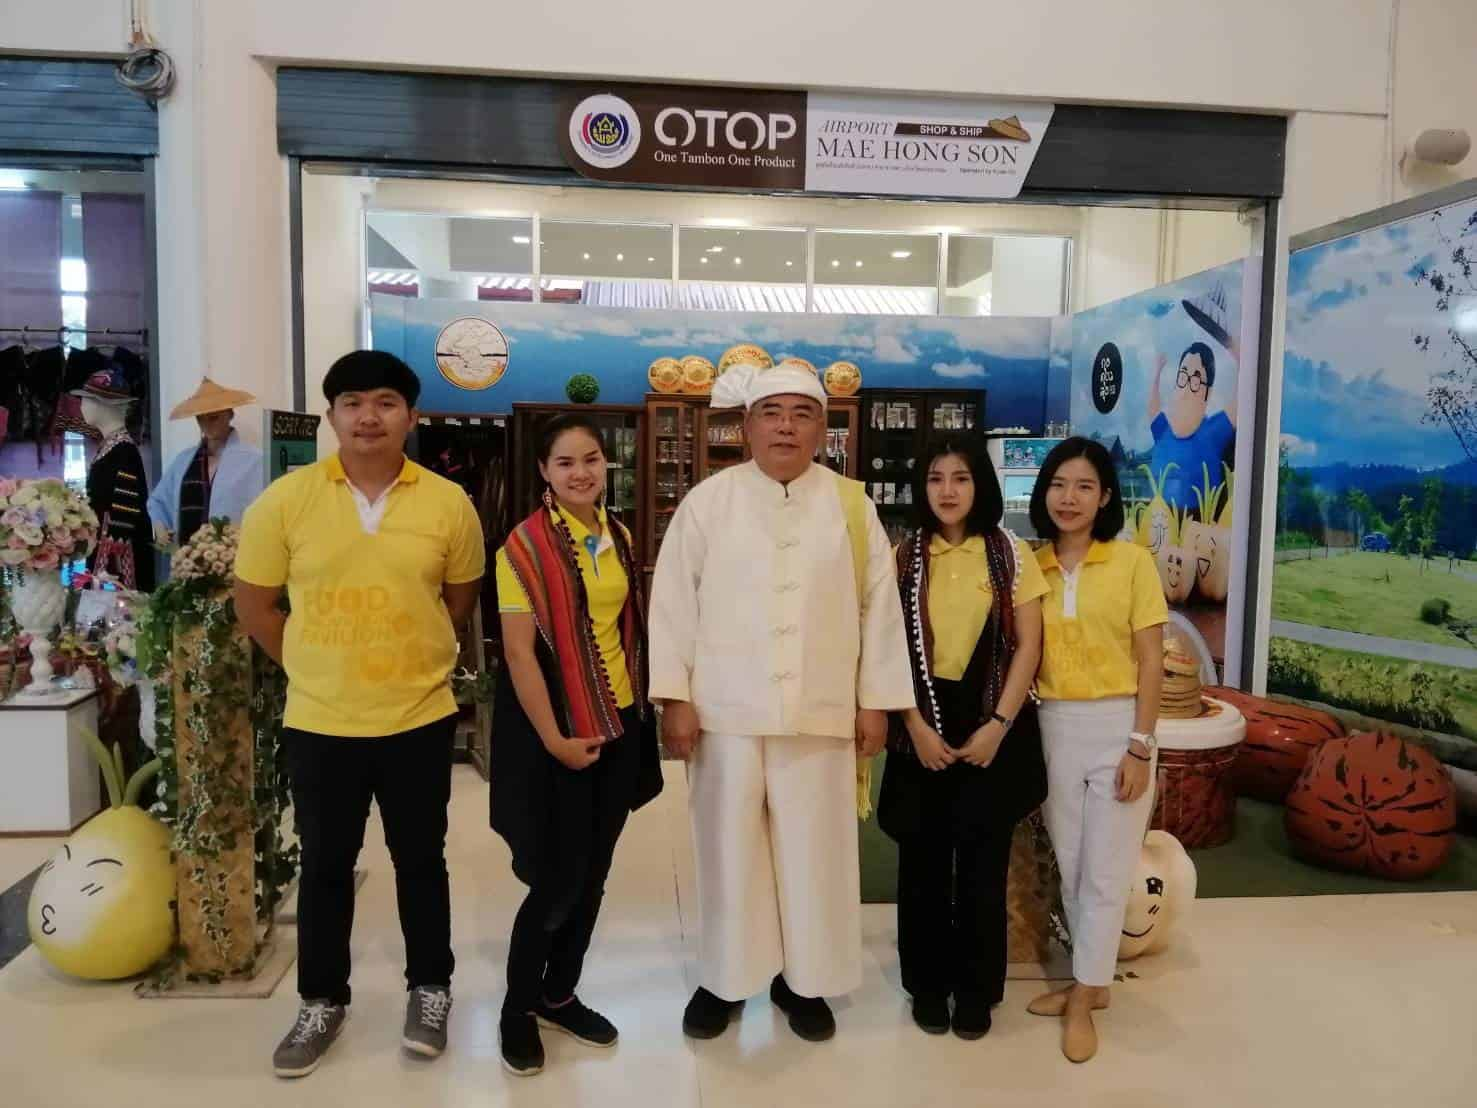 รุกหน้าการตลาด เปิดร้านจำหน่ายผลิตภัณฑ์ OTOP ผลิตภัณฑ์ศิลปาชีพ Shop & Ship